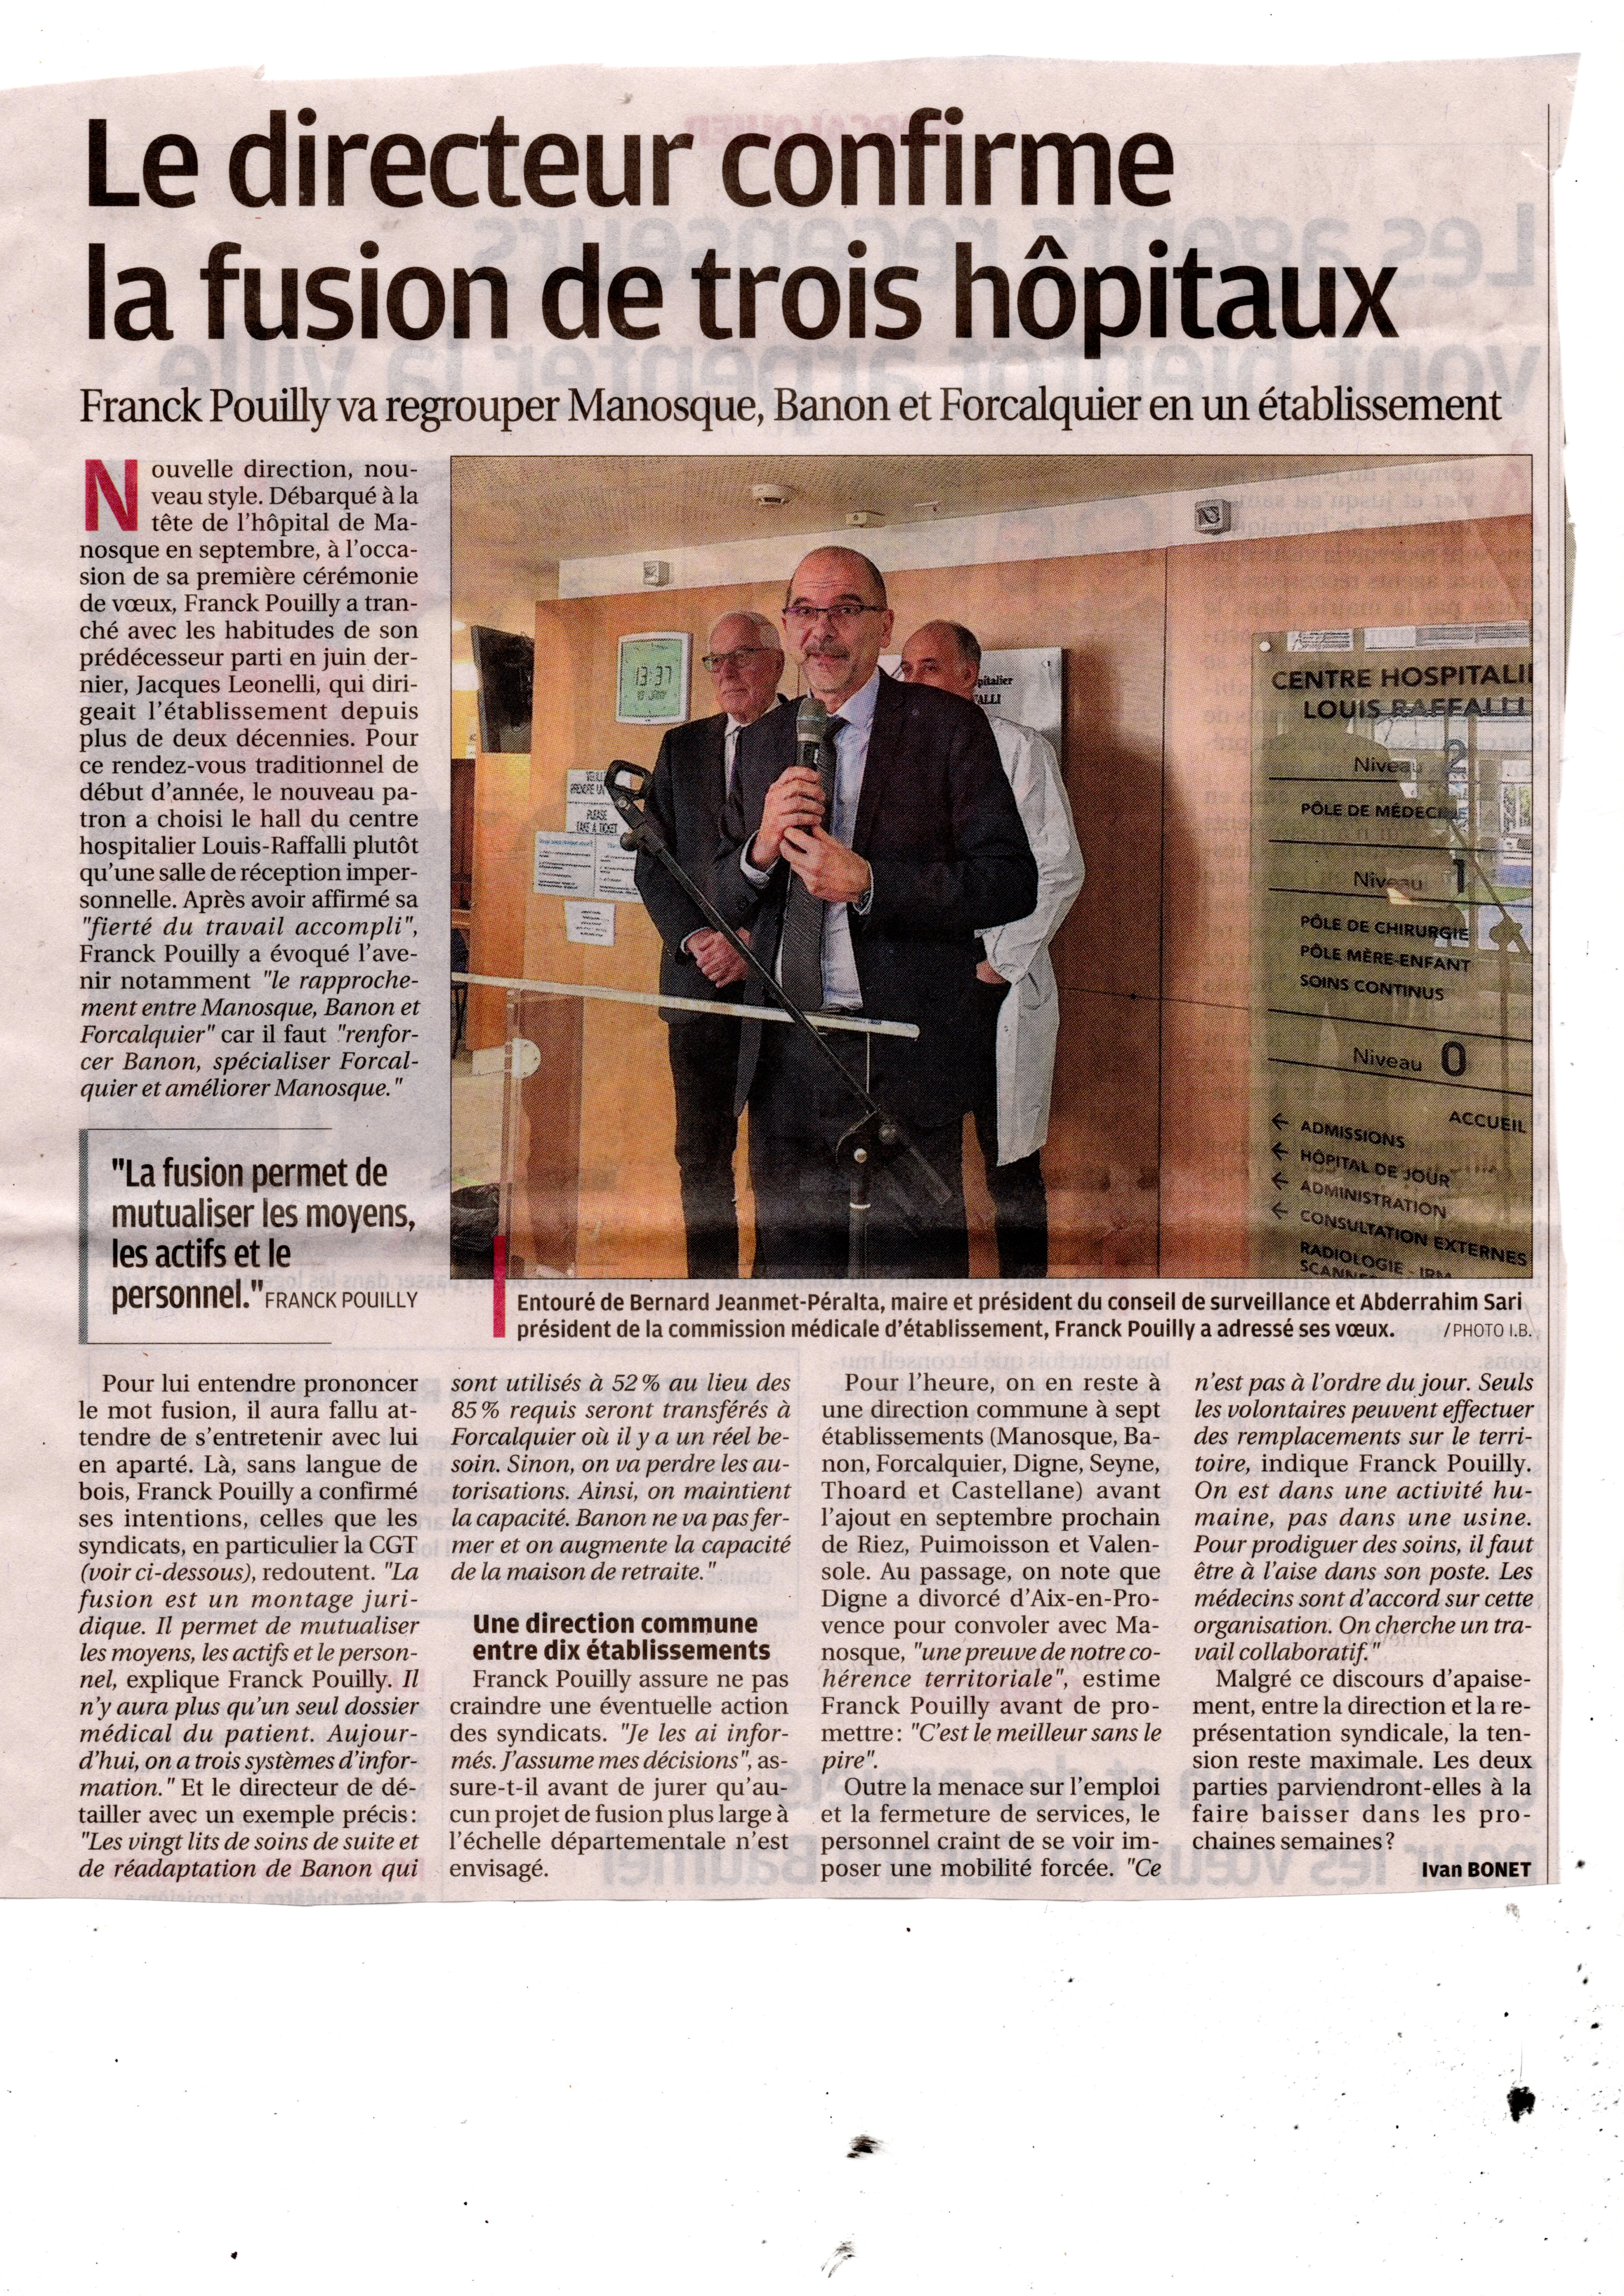 1046. Article la Provence 11 janvier 2019 (p1)